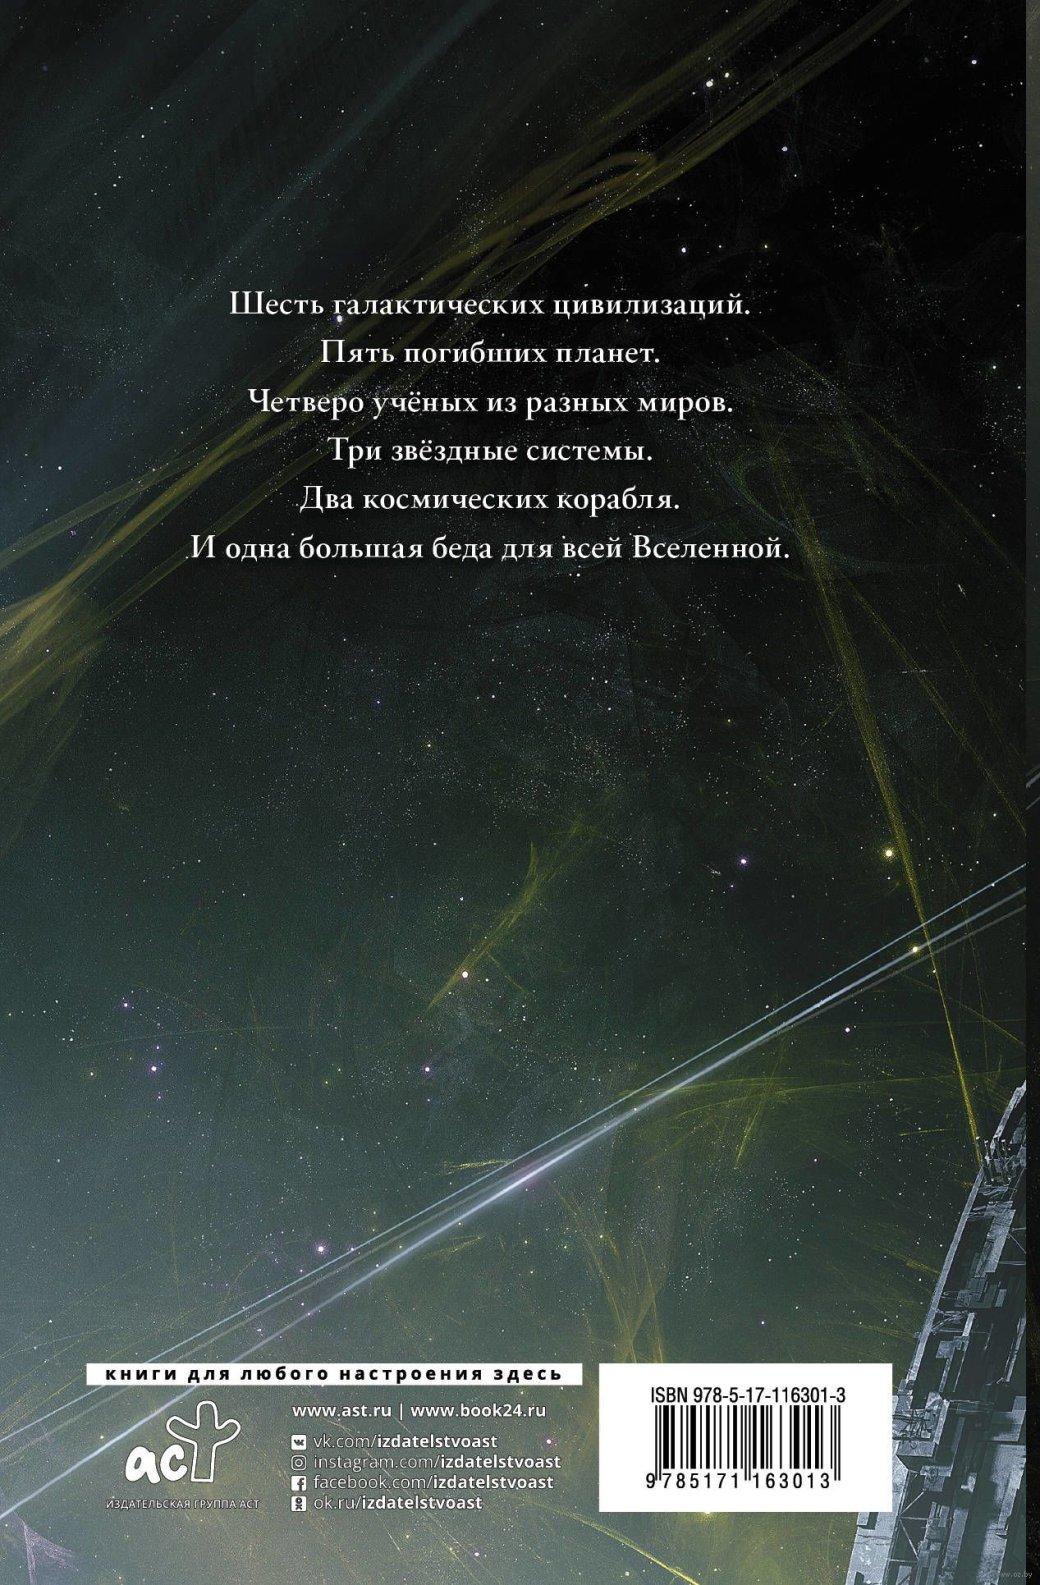 Читаем. Отрывок из«Порога»— нового романа Сергея Лукьяненко | Канобу - Изображение 4352